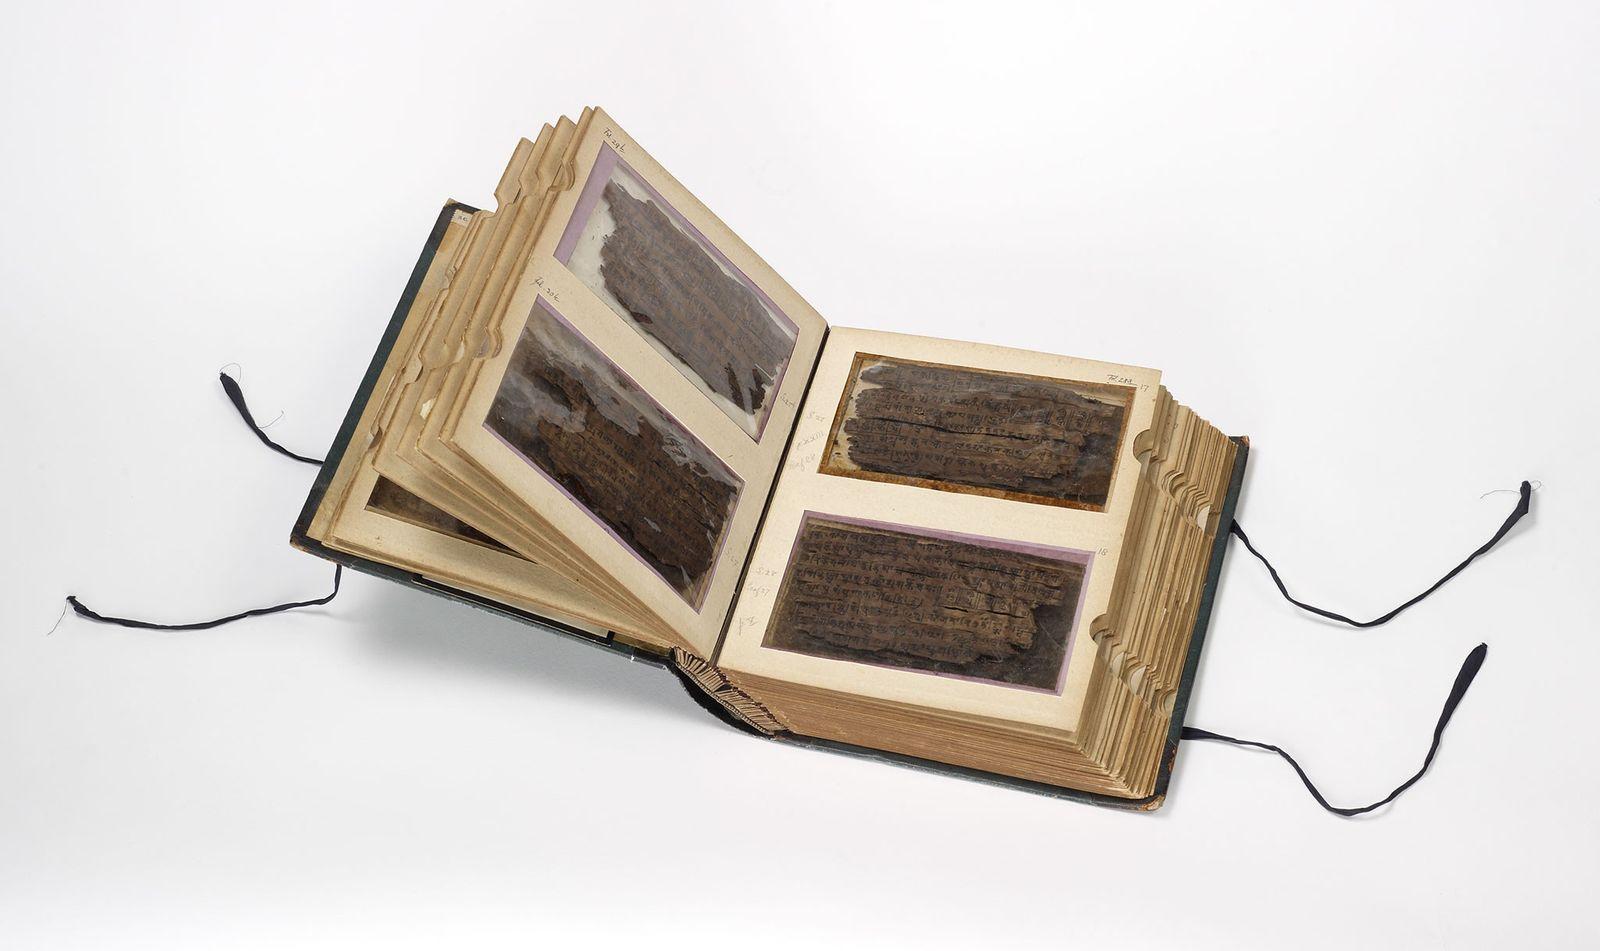 Les 70 feuilles d'écorce de bouleau qui composent le manuscrit de Bakhshali sont incroyablement fragiles et ...